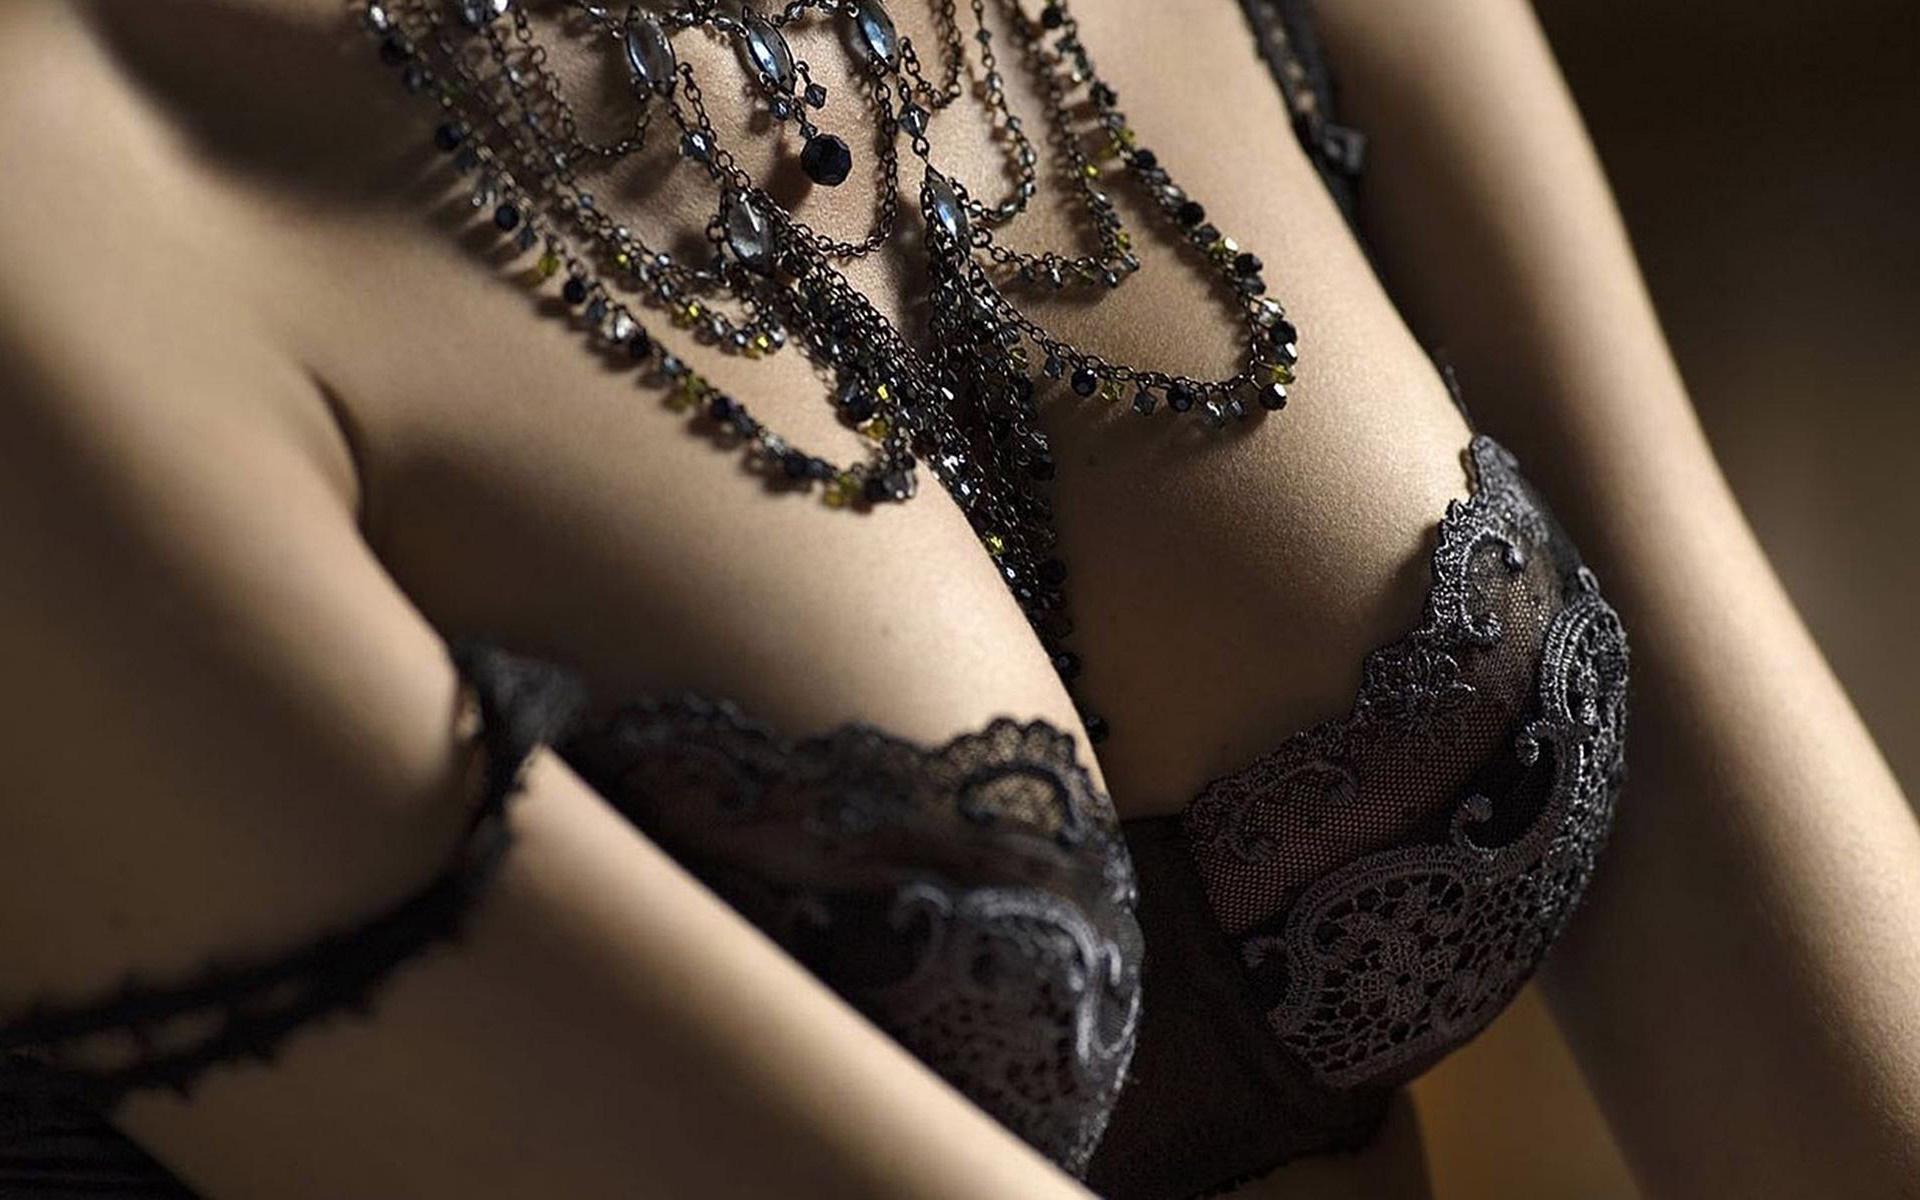 Эротическое фото с украшениями 15 фотография